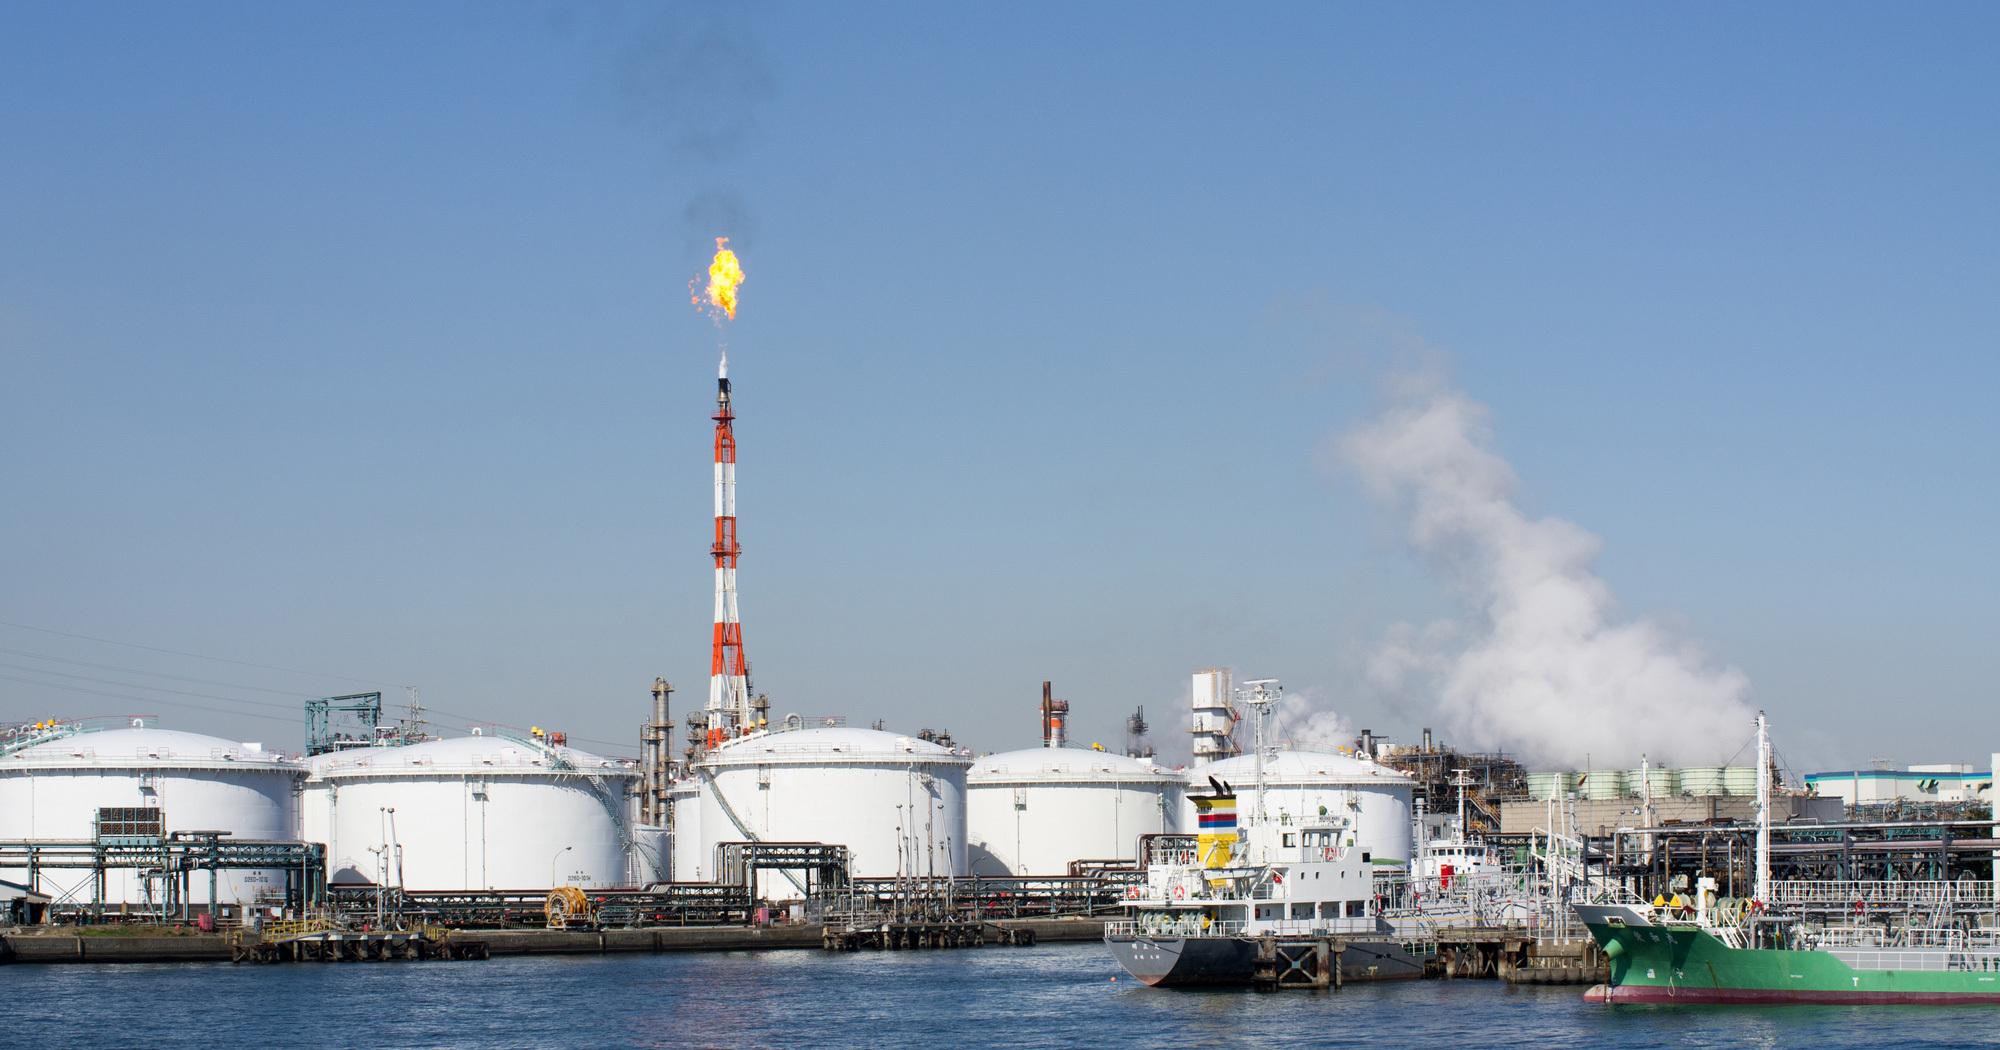 協調減産進むもシェール増産 需給改善遅れ原油の上値重い